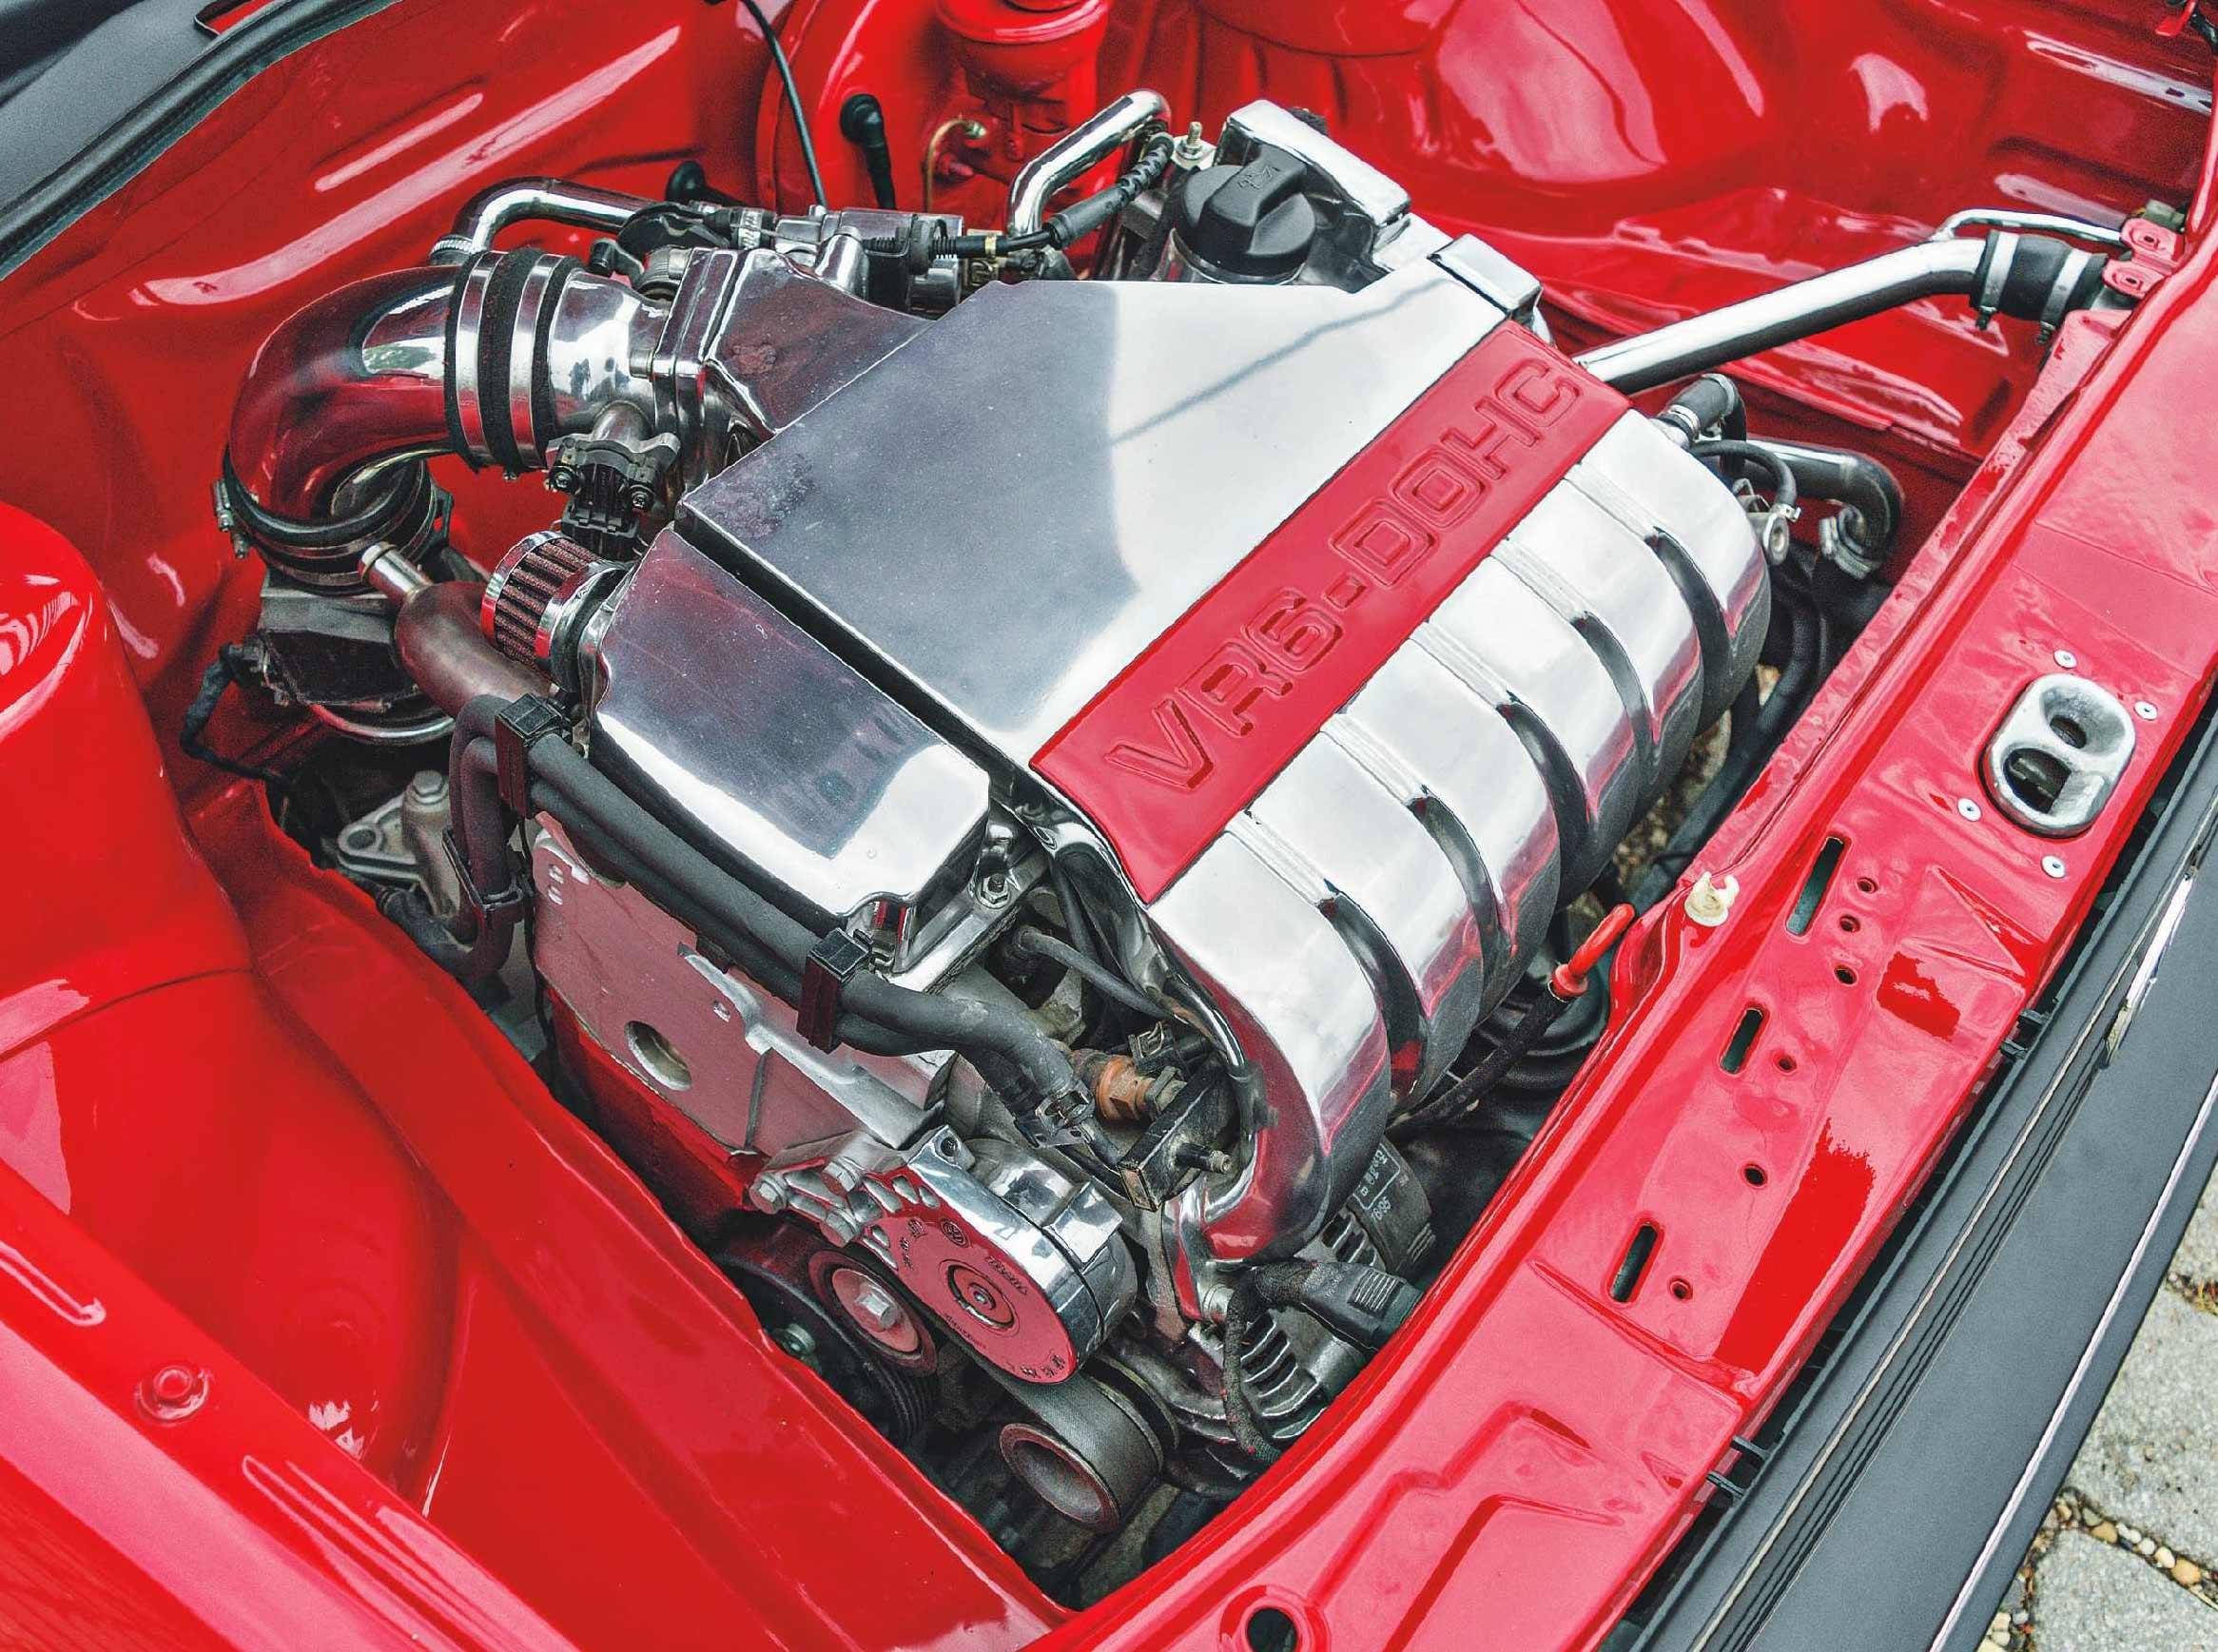 US-spec marvel - 2 8-litre VR6-engined Volkswagen Golf Mk2